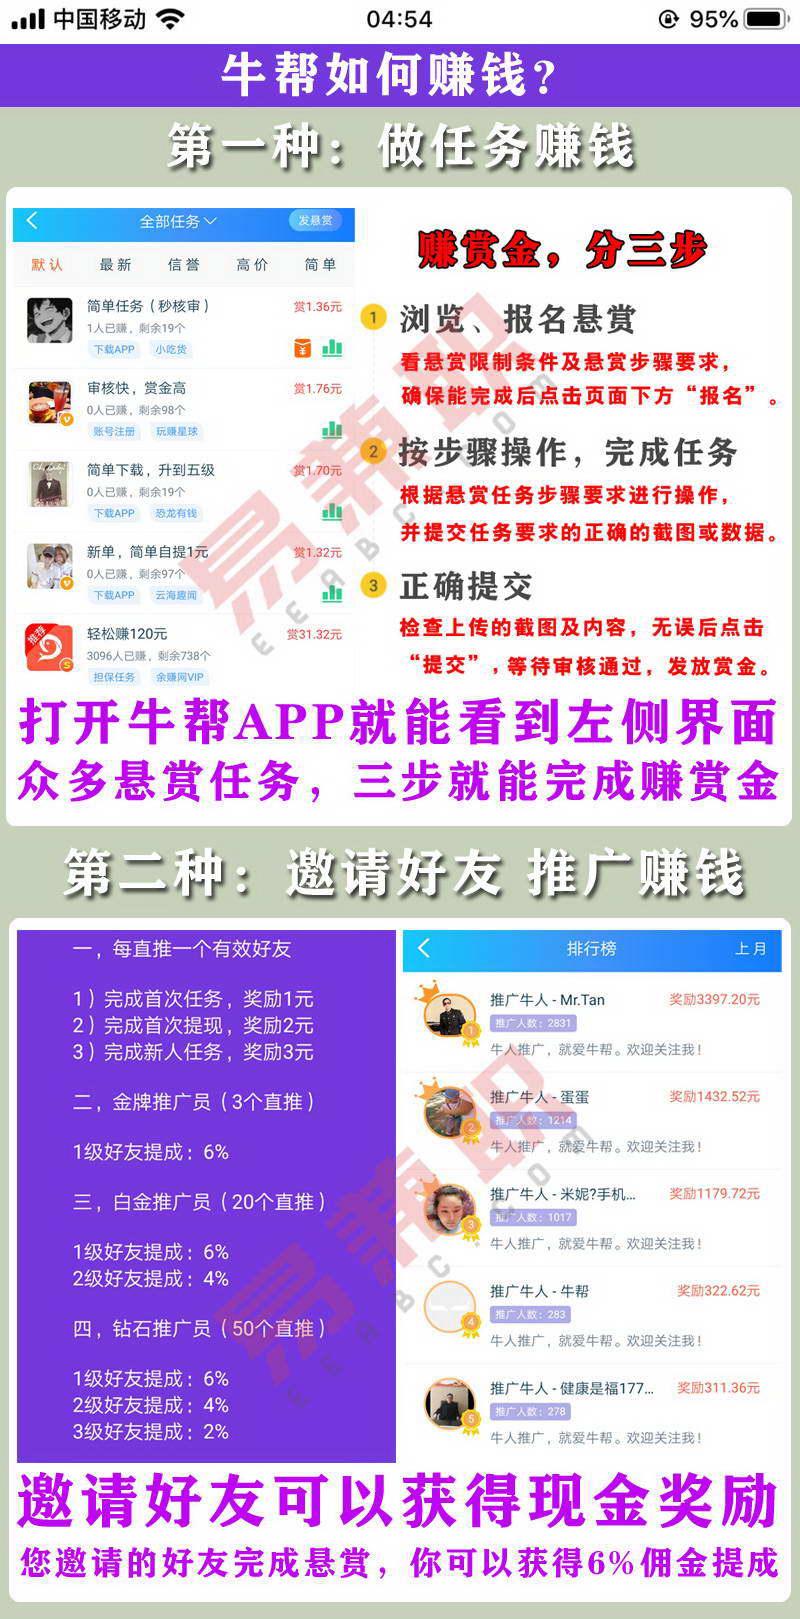 【牛帮APP】手机做悬赏任务赚钱下载网上赚钱平台